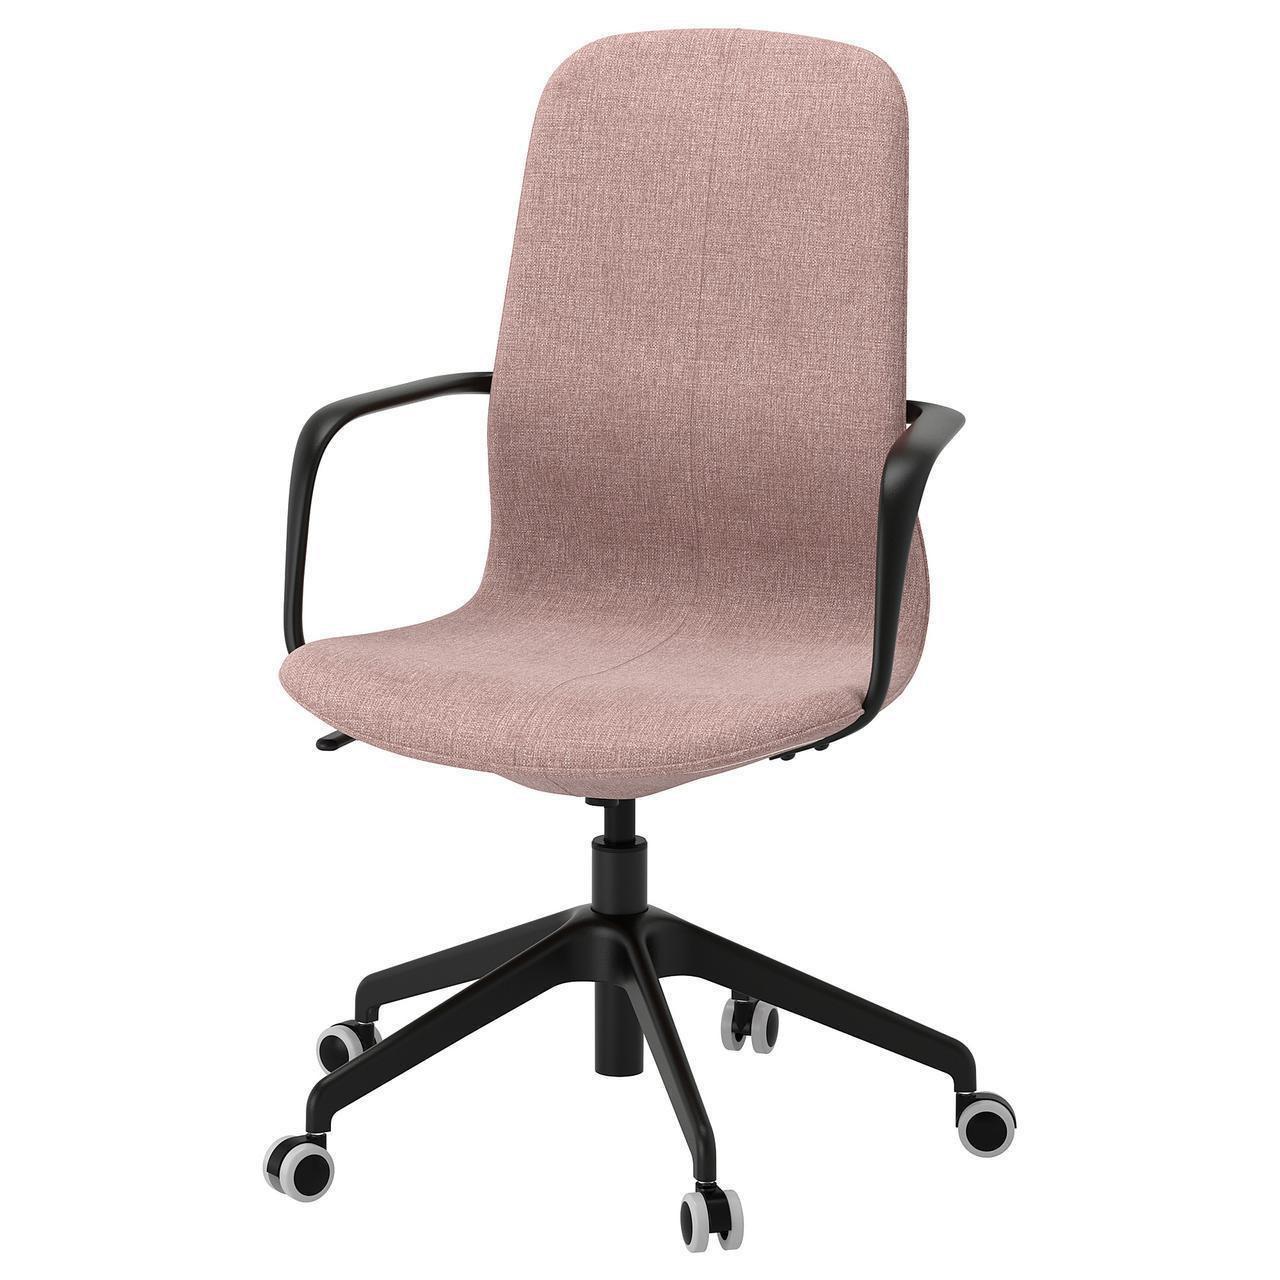 Компьютерное кресло IKEA LÅNGFJÄLL Gunnared светло-розовое черное 392.618.74